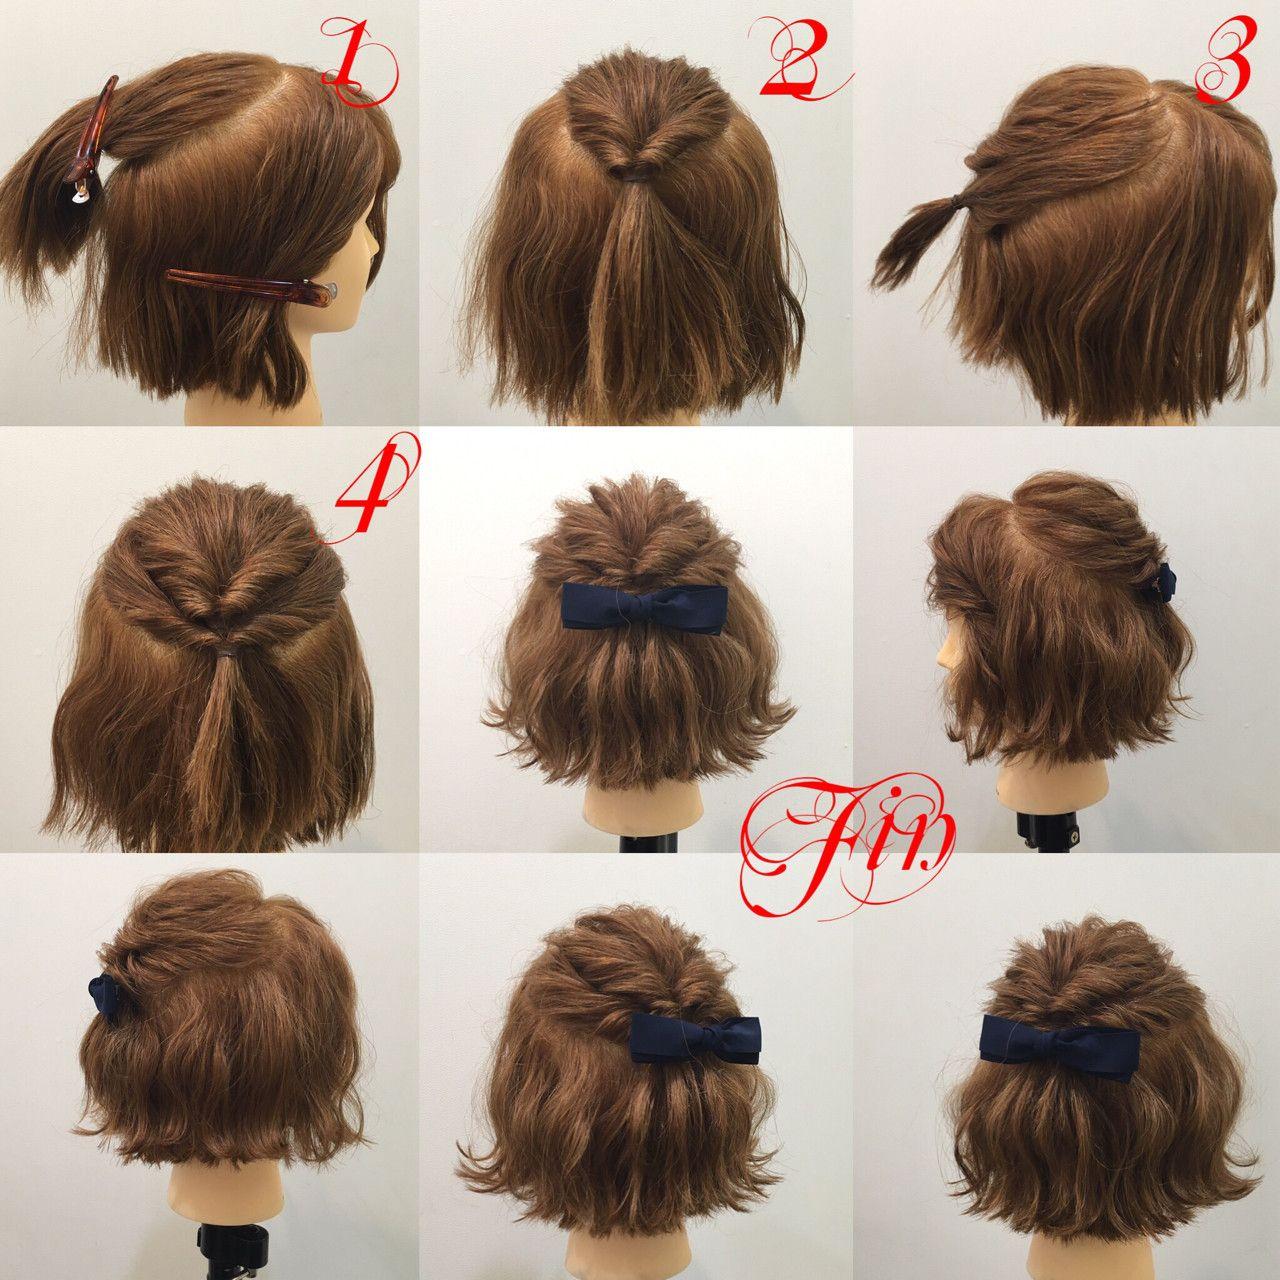 1 トップを写真のように取ります 2 くるりんぱします 3 1番の下の髪をとって写真のように結びます 横の髪は届く所からで大丈夫です 4 くるりんぱの要領で二回ねじります Fin 崩したら完成です 参考になれば嬉しいです 簡単 ヘアアレンジ ショート 簡単 ヘア